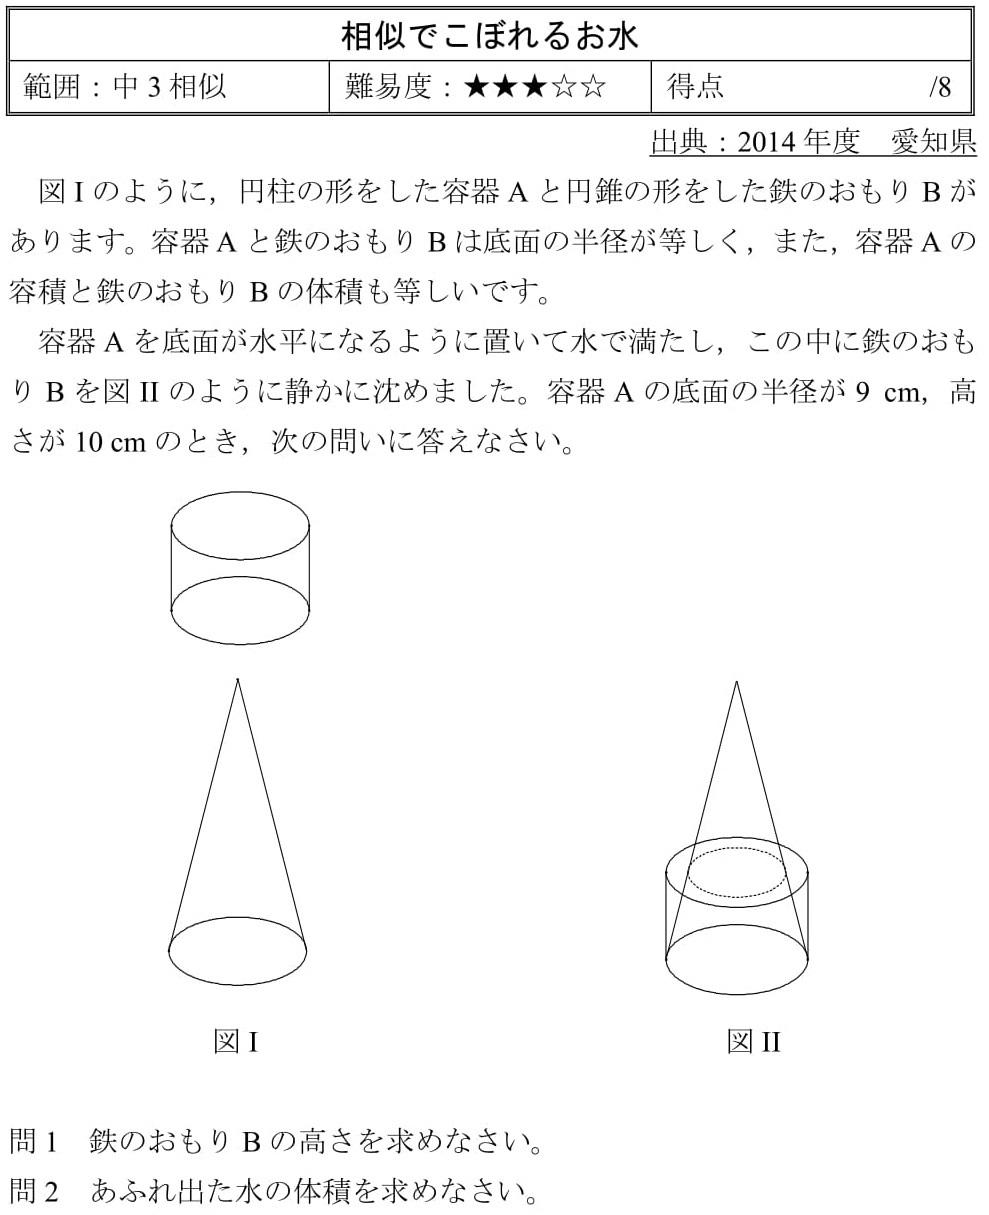 2014 愛知県 高校入試 数学 空間図形